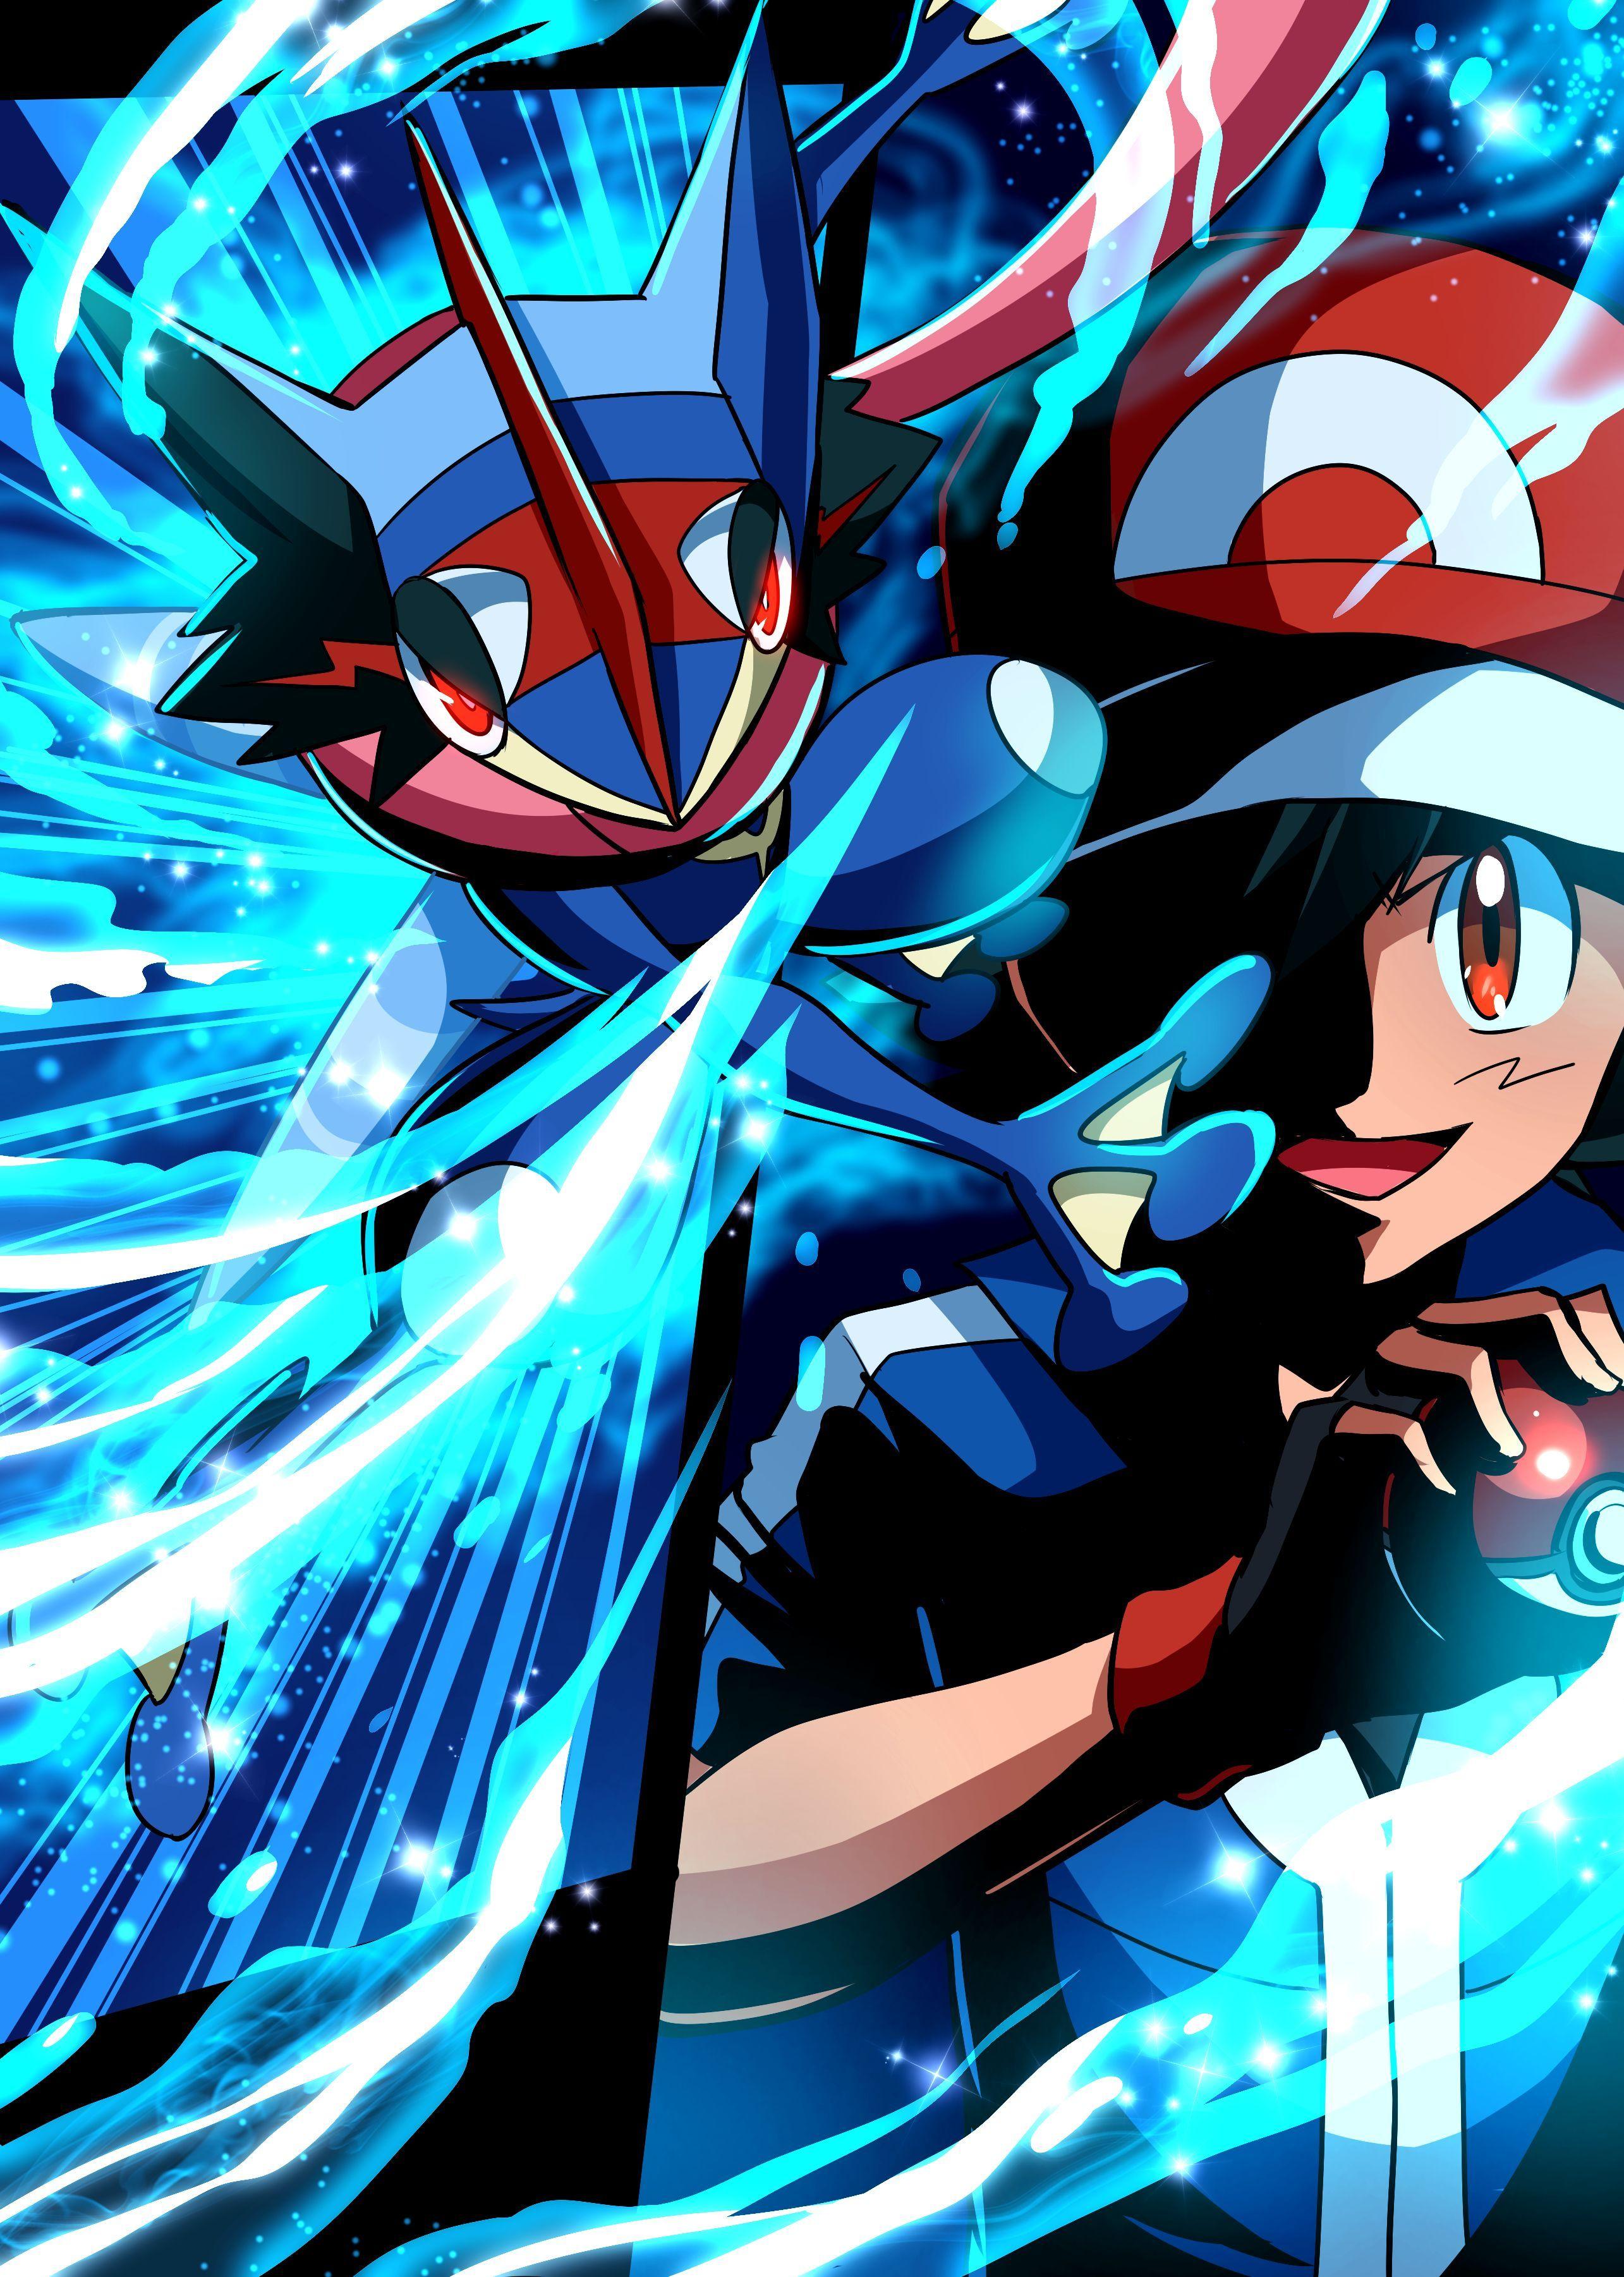 2570x3603 Greninja Wallpaper Background Desktop Wallpaper Box Pokemon Cool Pokemon Cute Pokemon Wallpaper